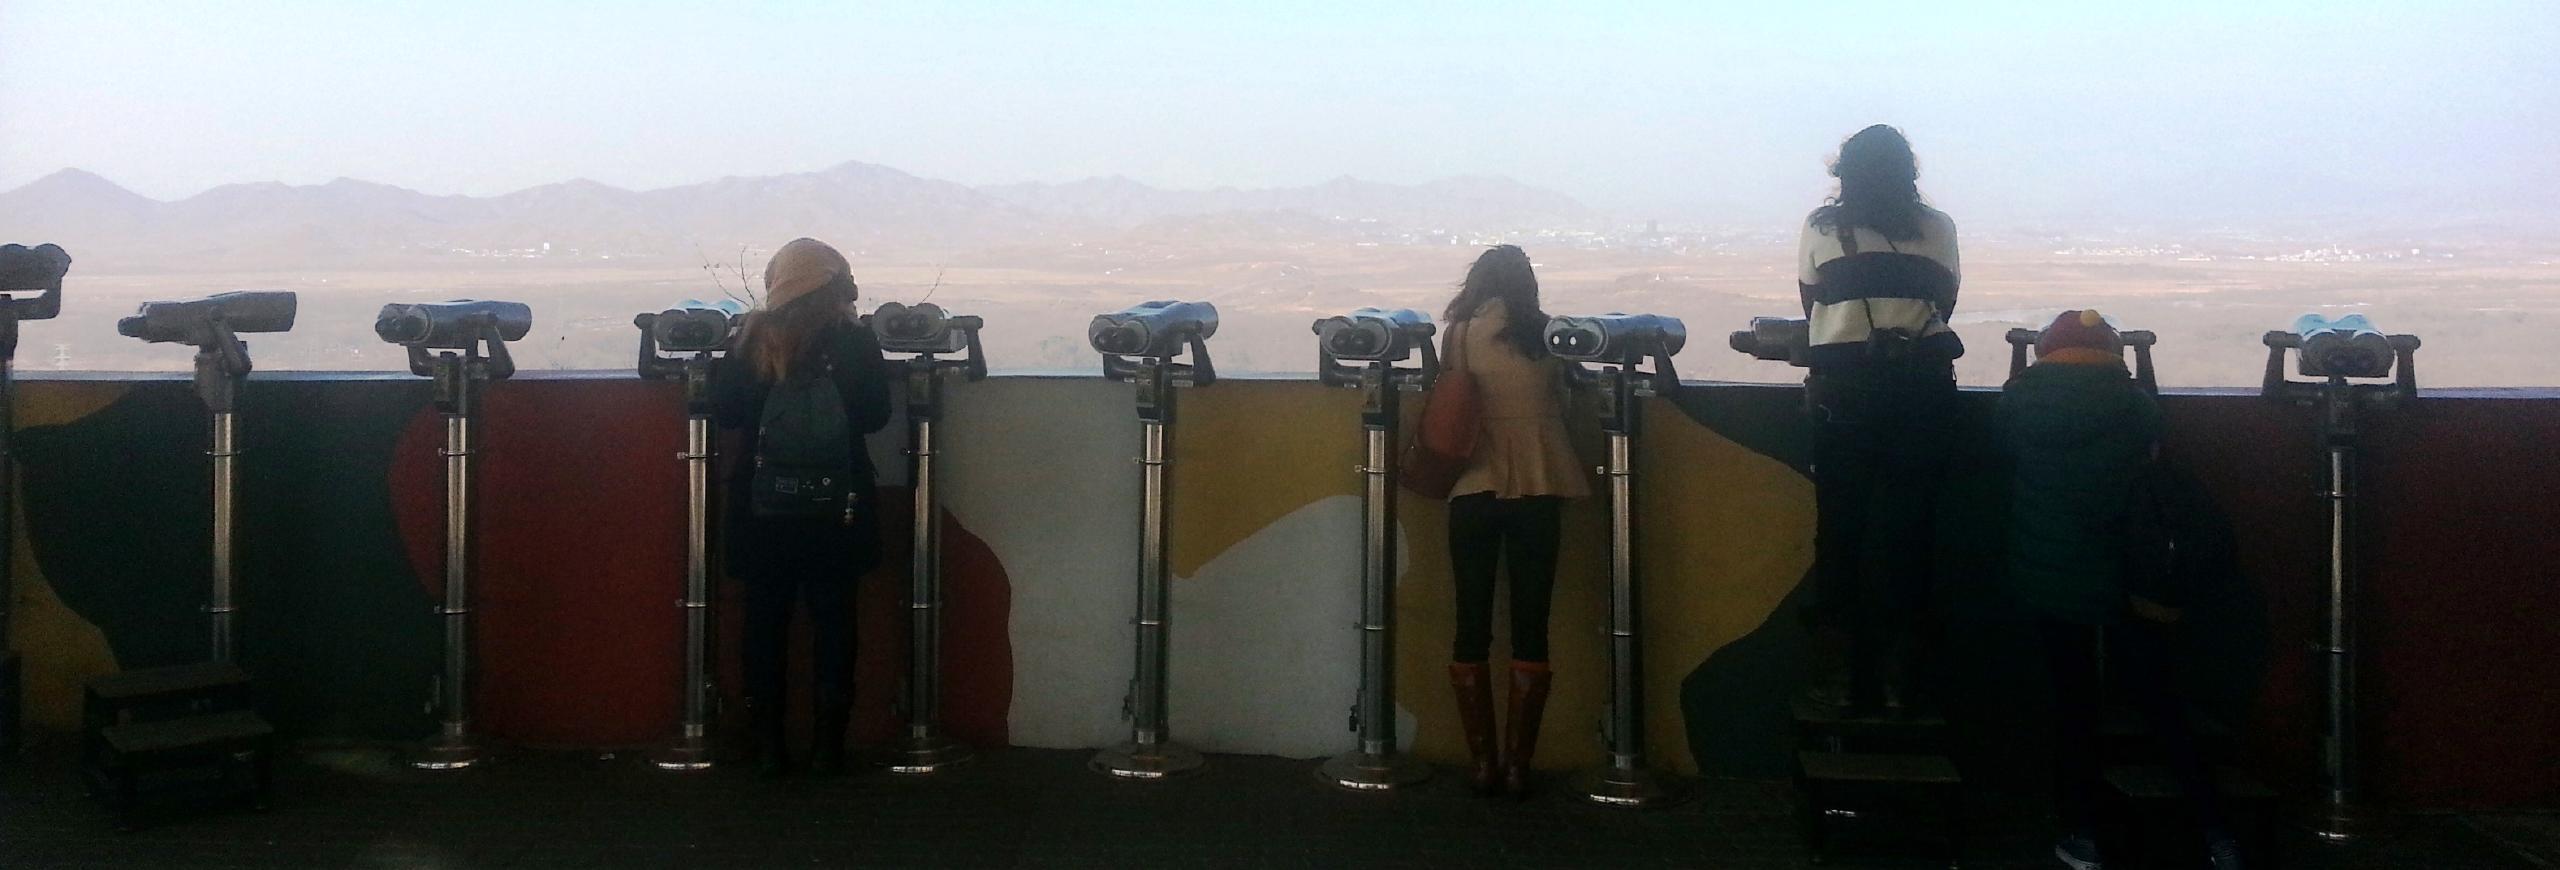 Korea, Panmunjon, DMZ, Aussichtspunkt Richtung Nordkorea